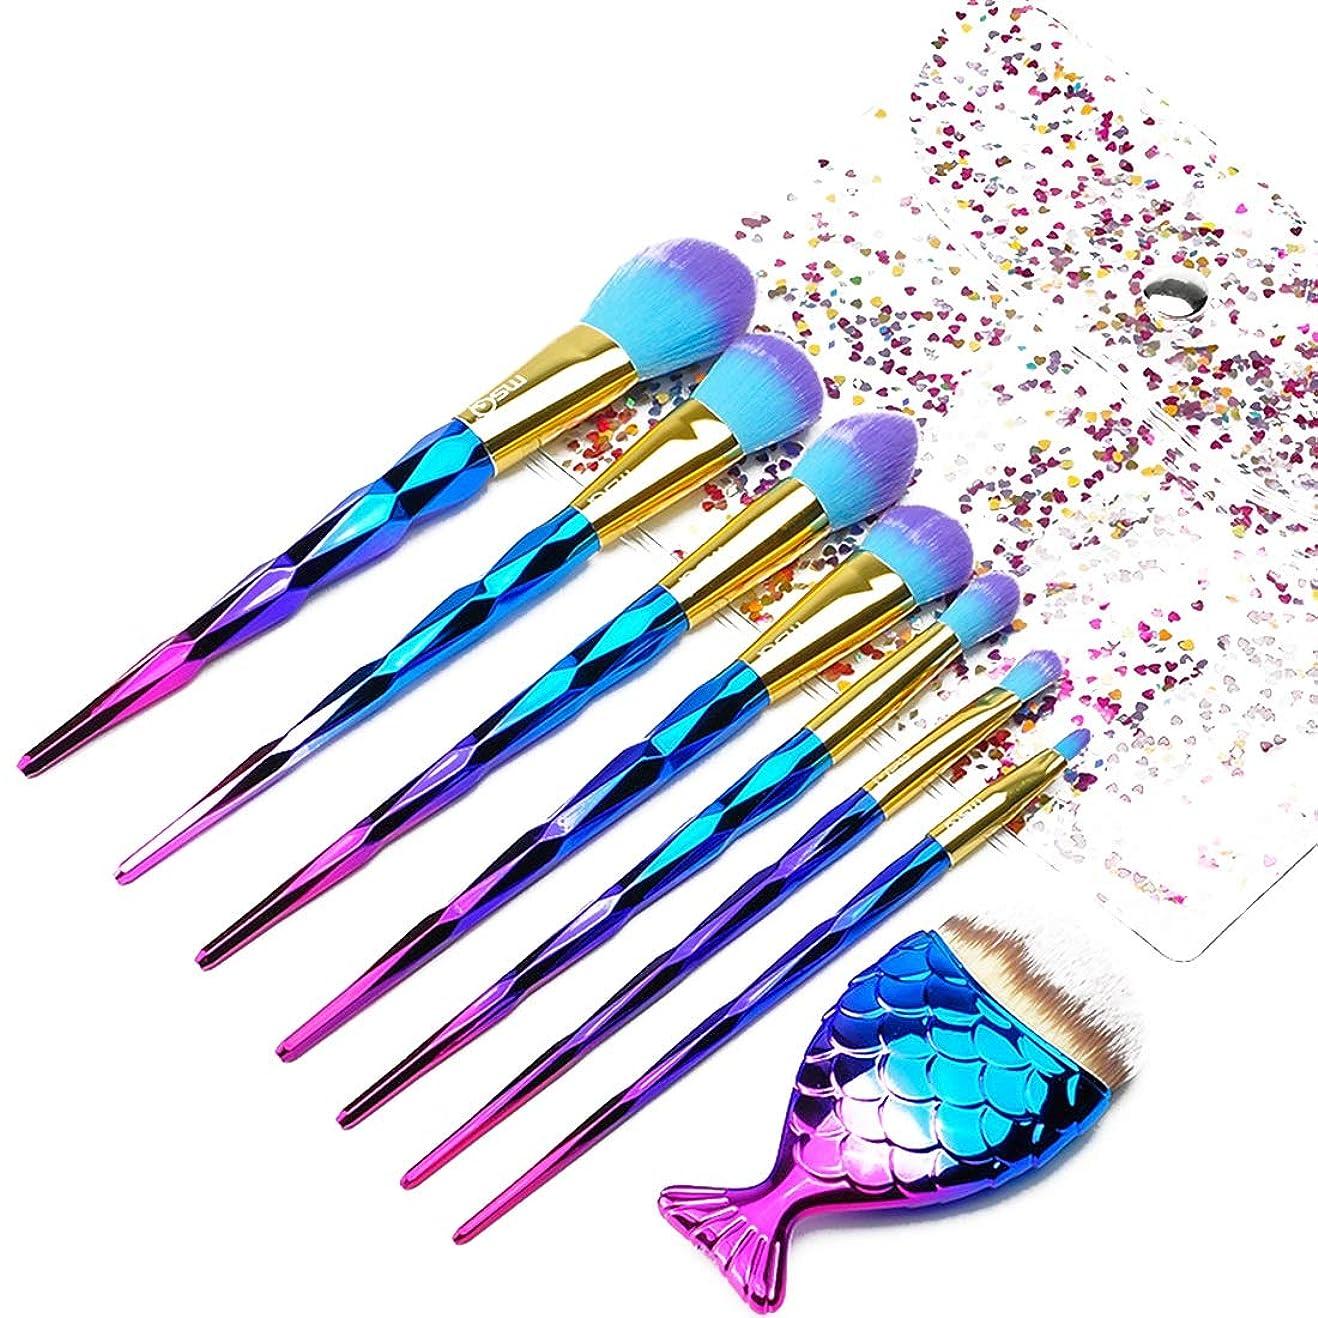 上向き悪い野な辽阳世纪电子产品贸易中心 FUYZBメイクブラシ、Angelabasics 7PCS /セットメイクアップブラシファンデーションアイシャドーブラッシャーパウダーブレンド化粧ブラシメイクブラシセット (色 : Gradient)